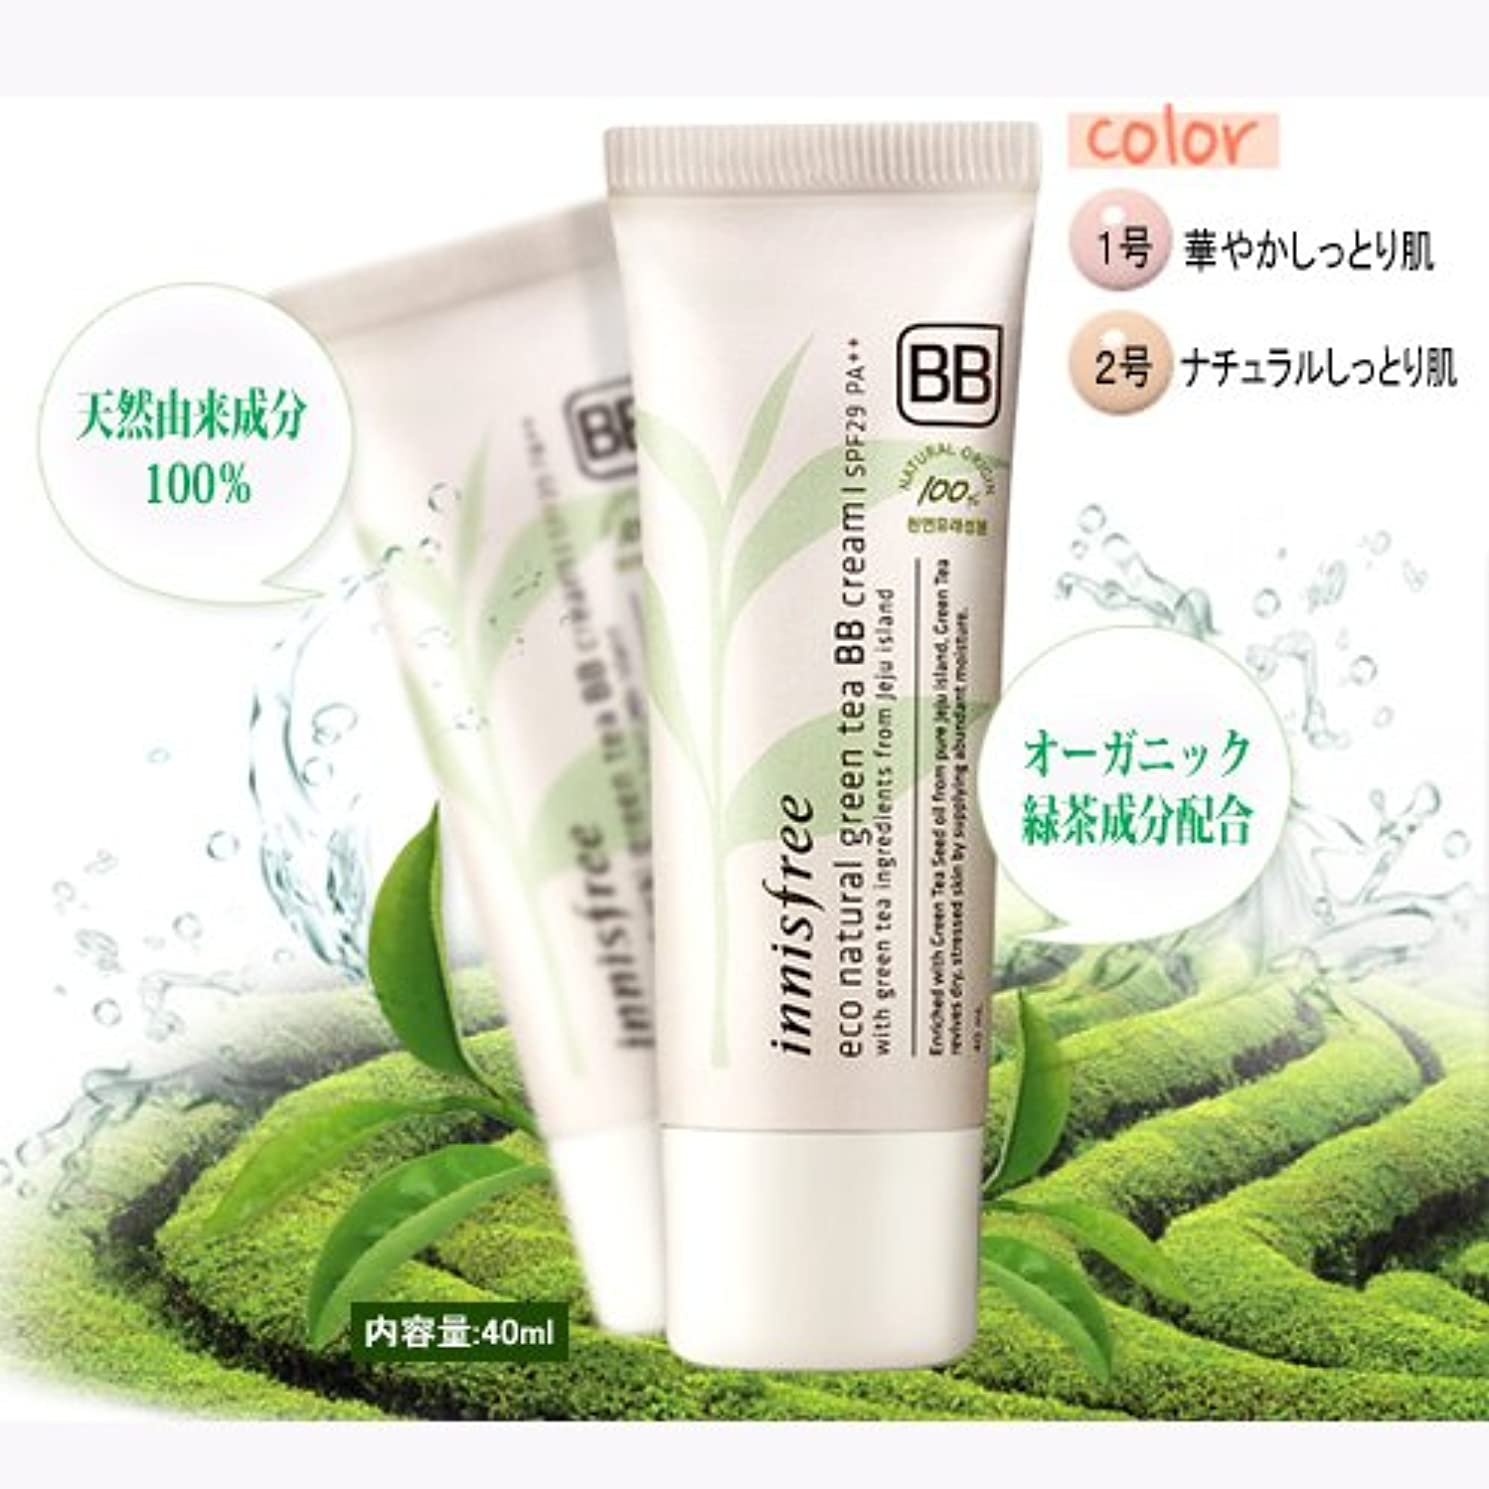 クリップ素晴らしき野心innisfree/イニスフリー Eco Natural Green Tea BB Cream #01 /エコナチュラルグリーンティーBBクリーム 華やかなしっとり肌 SPF29PA++40ml